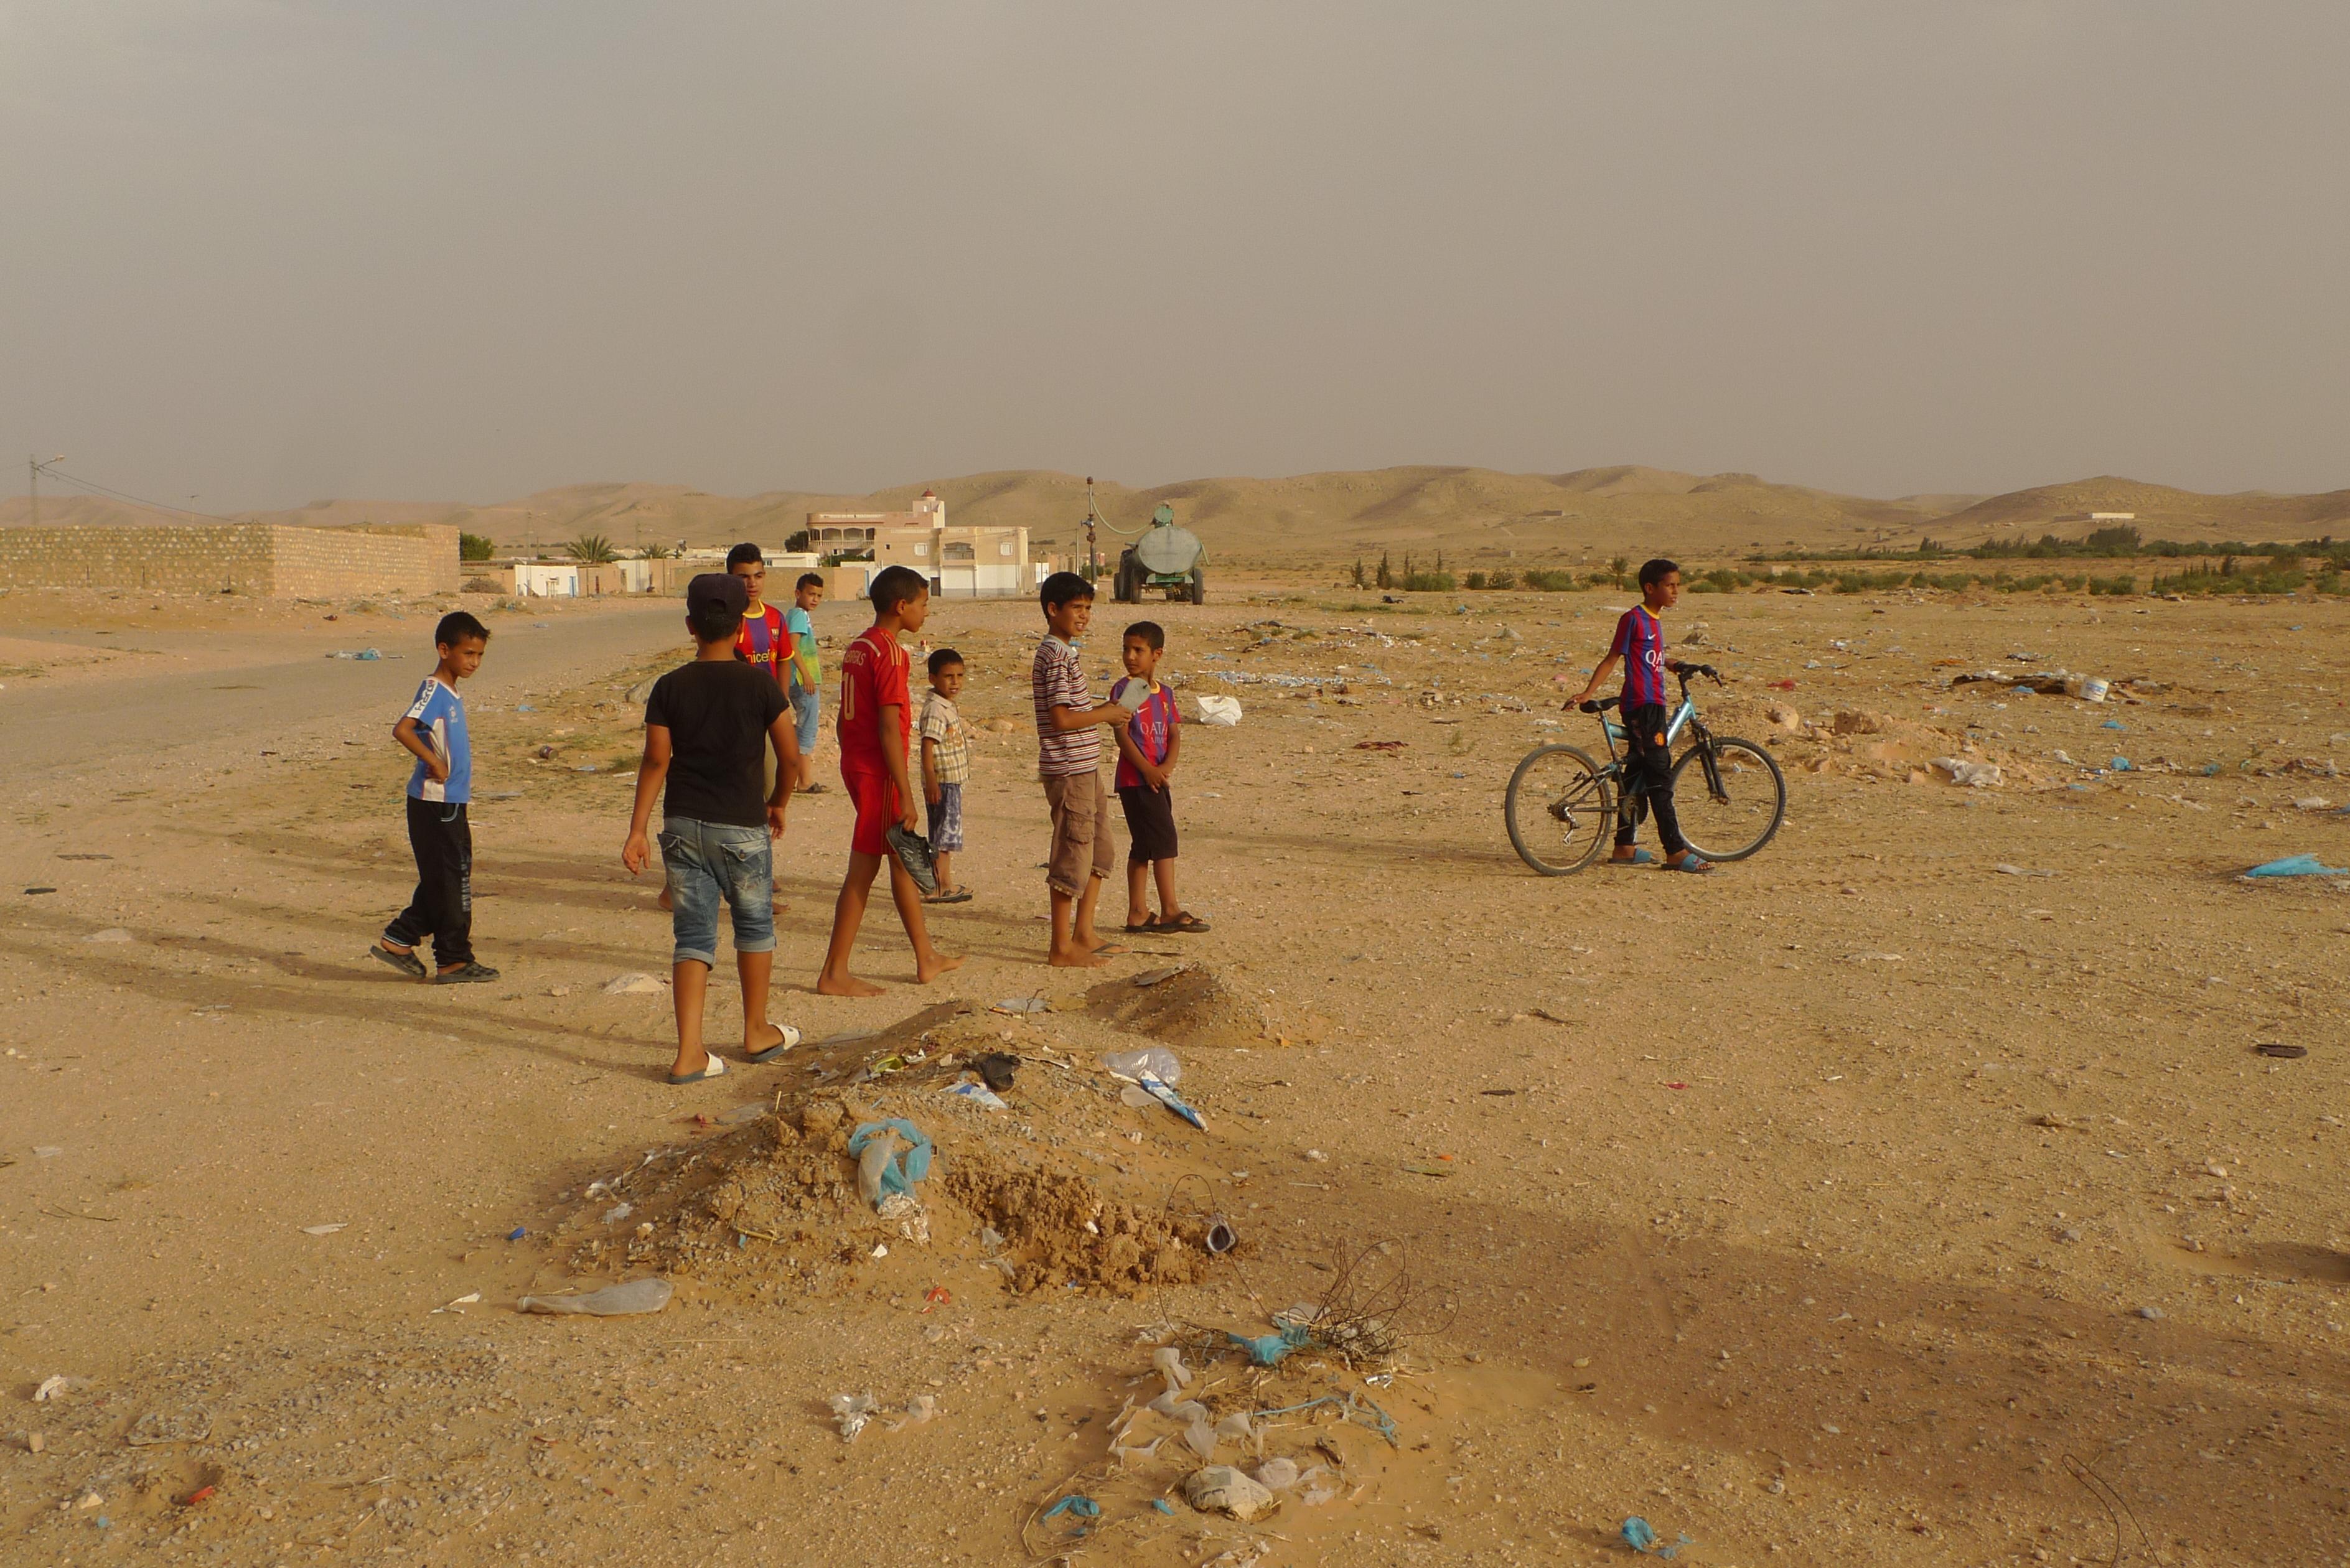 tunisie-j2-enfants-desert